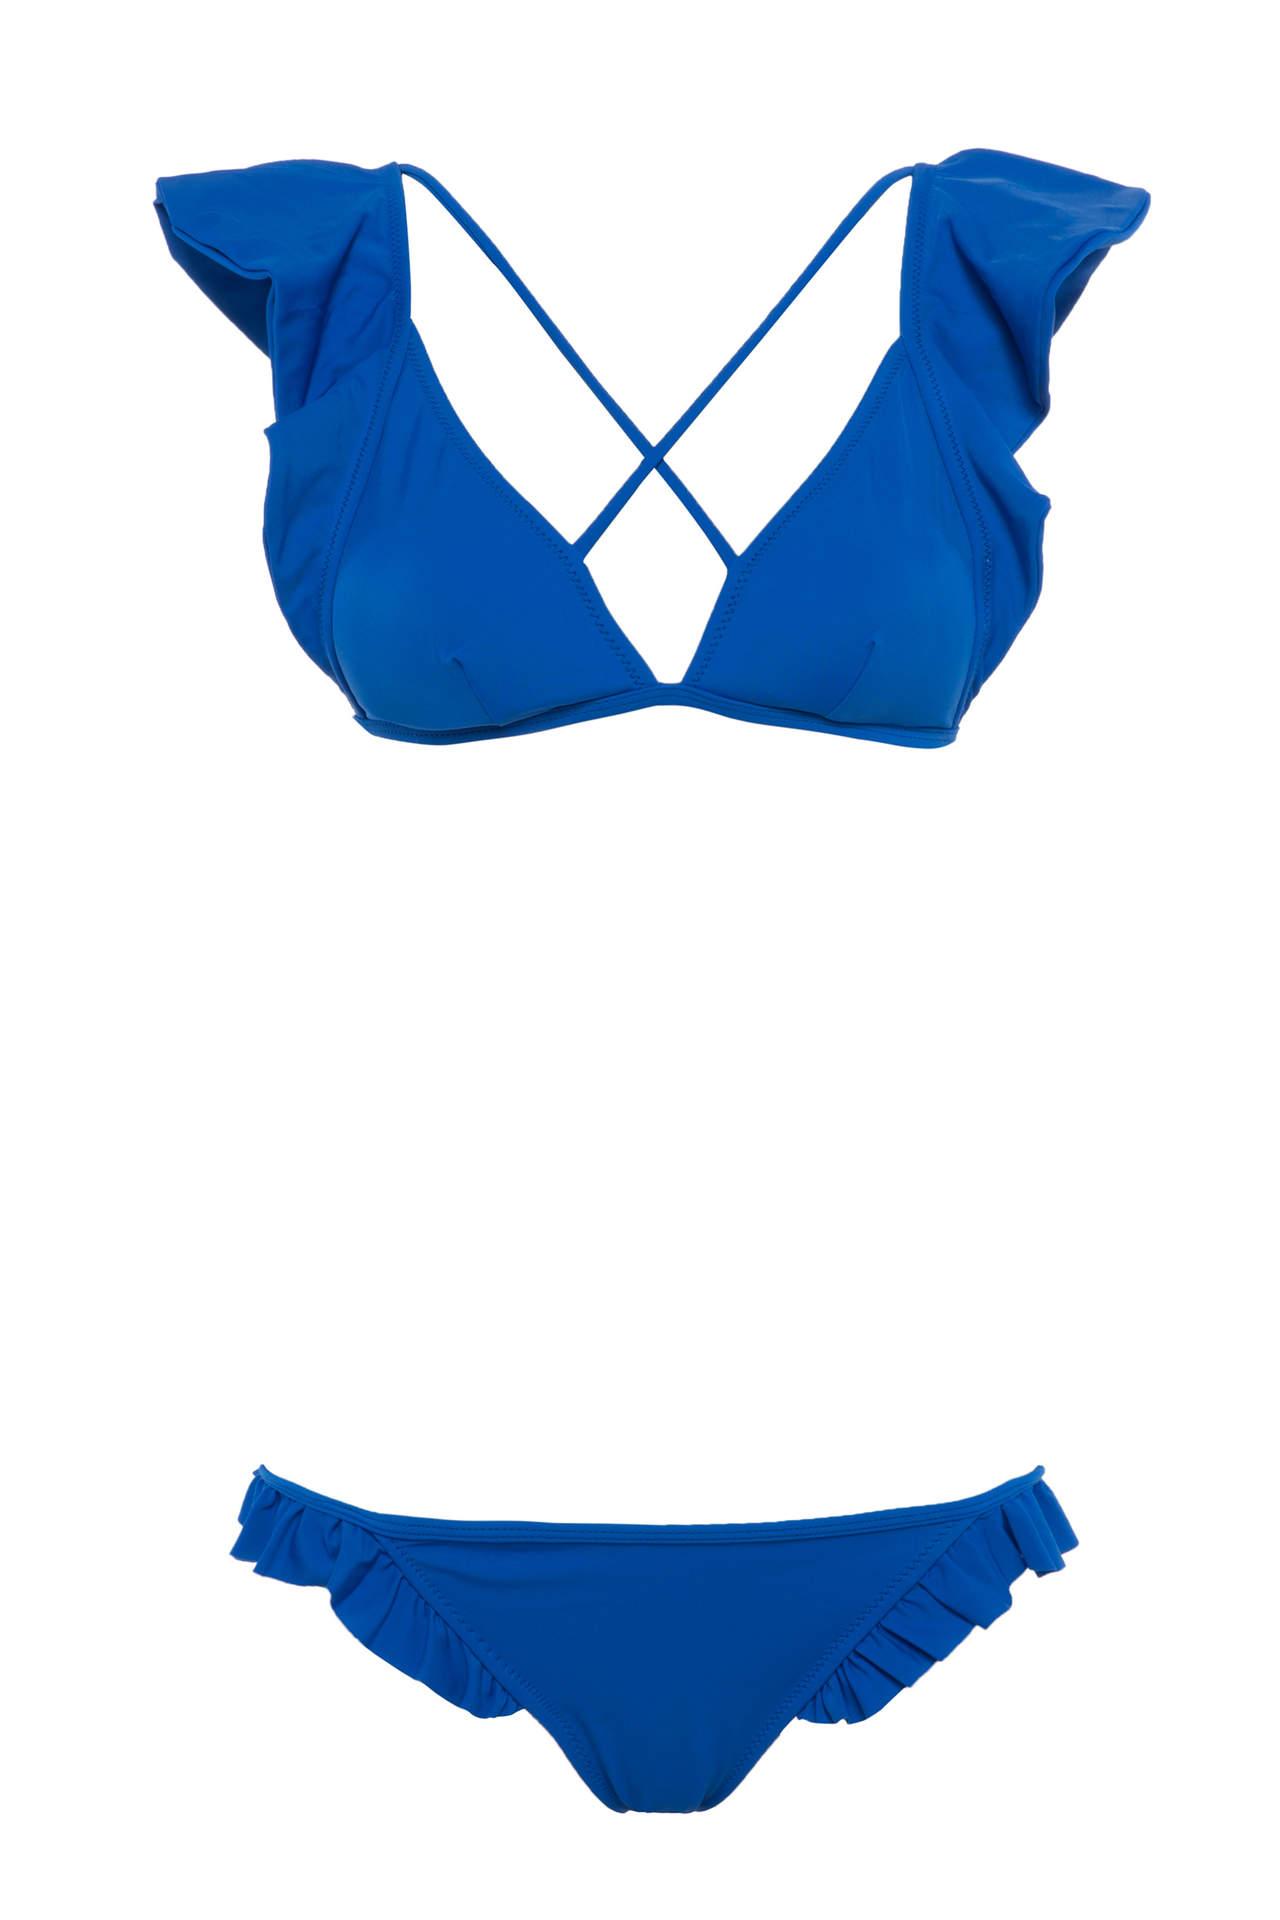 DeFacto Kadın Fırfır Detaylı Üçgen Bikini Üstü Mavi female